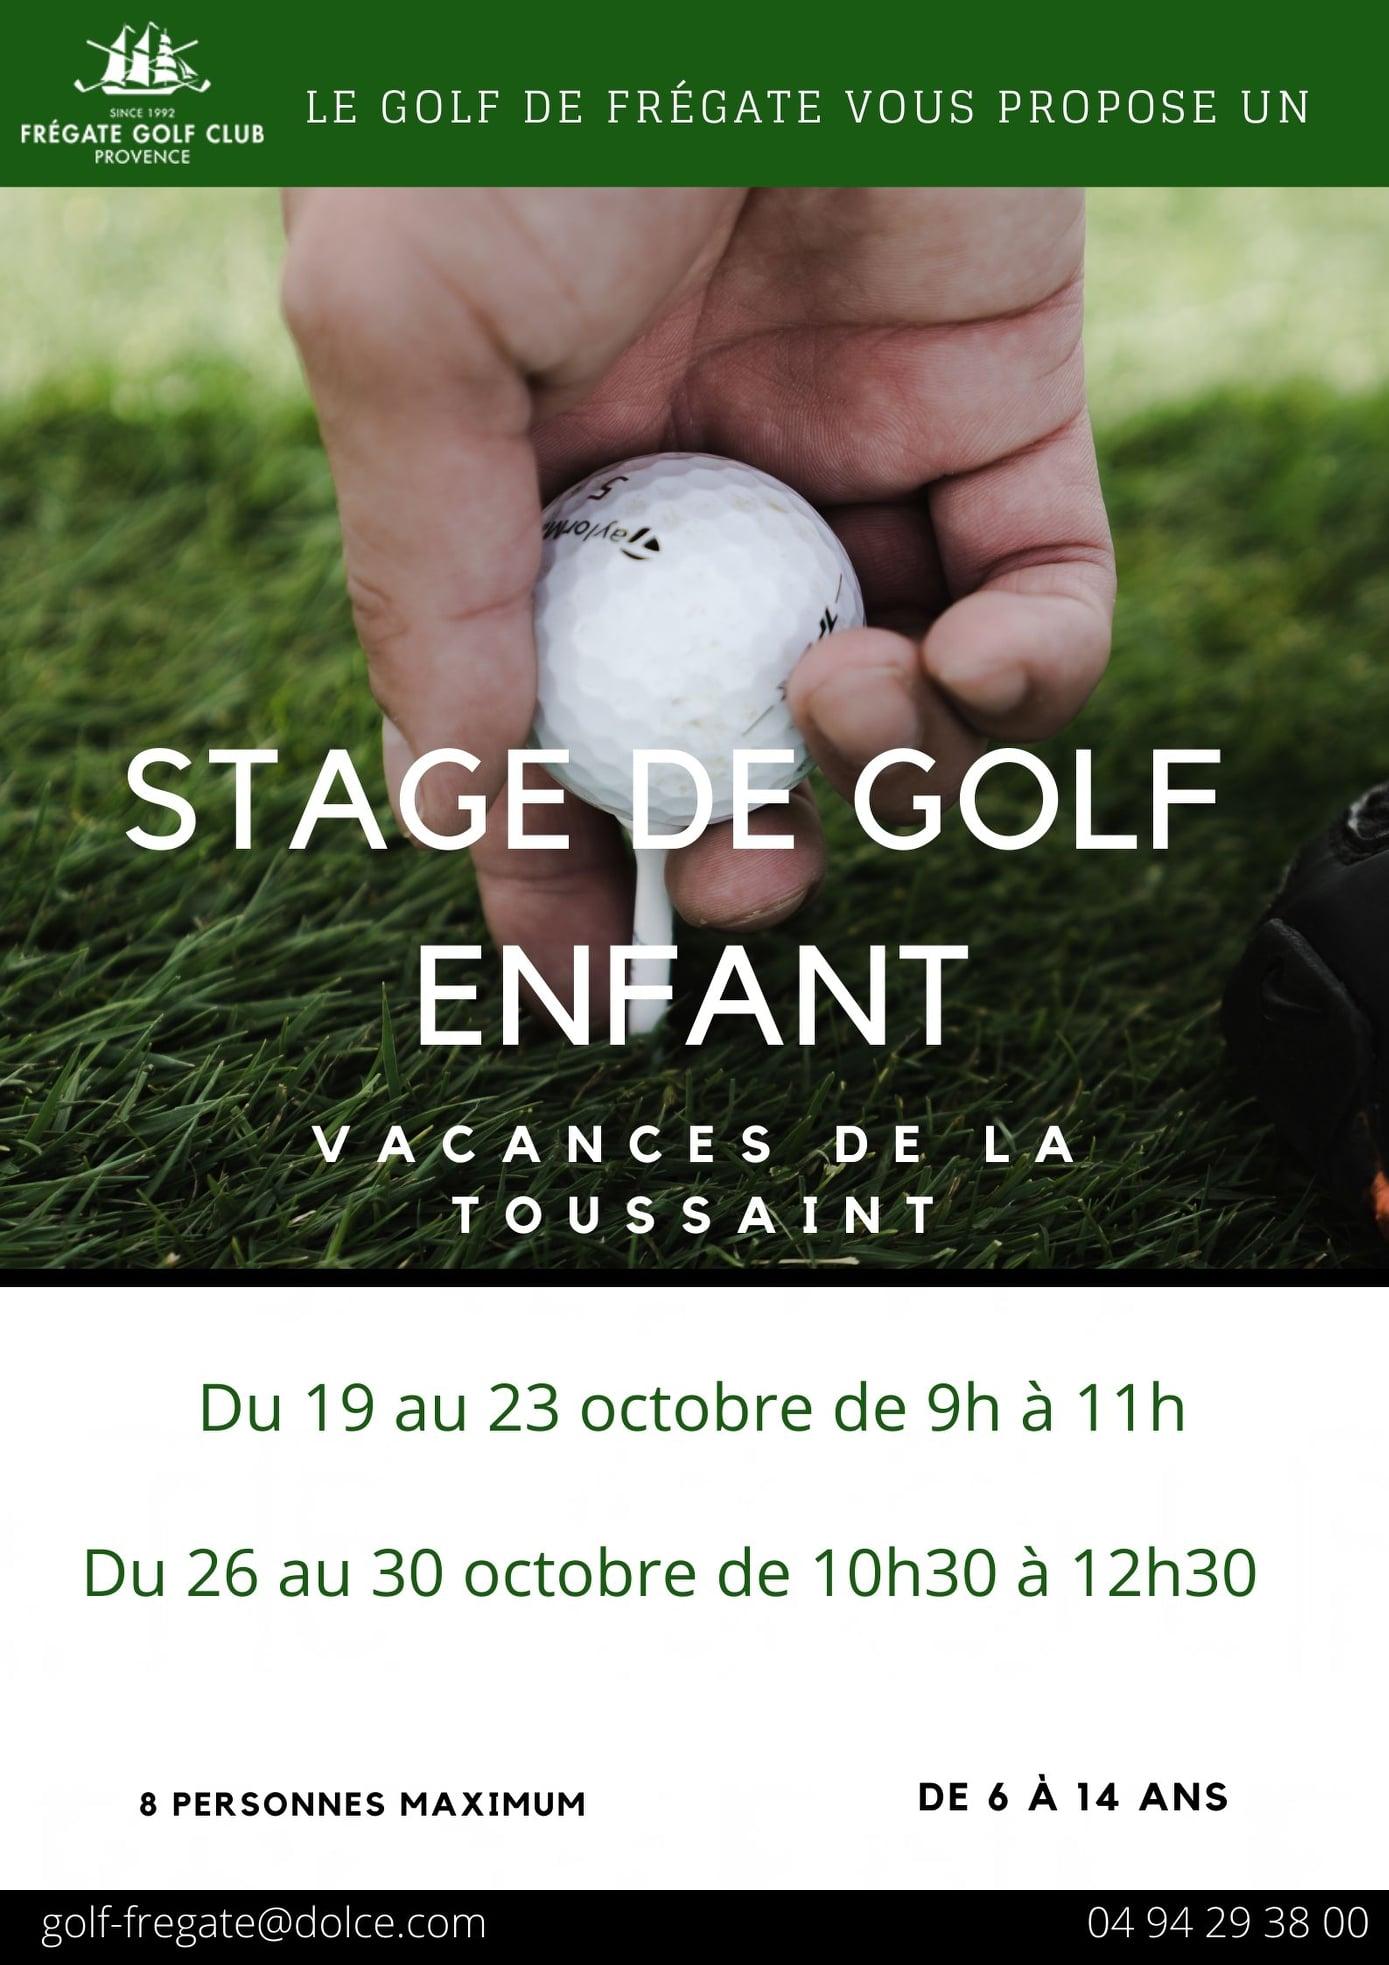 Stages de Golf pour les enfants à la Toussaint